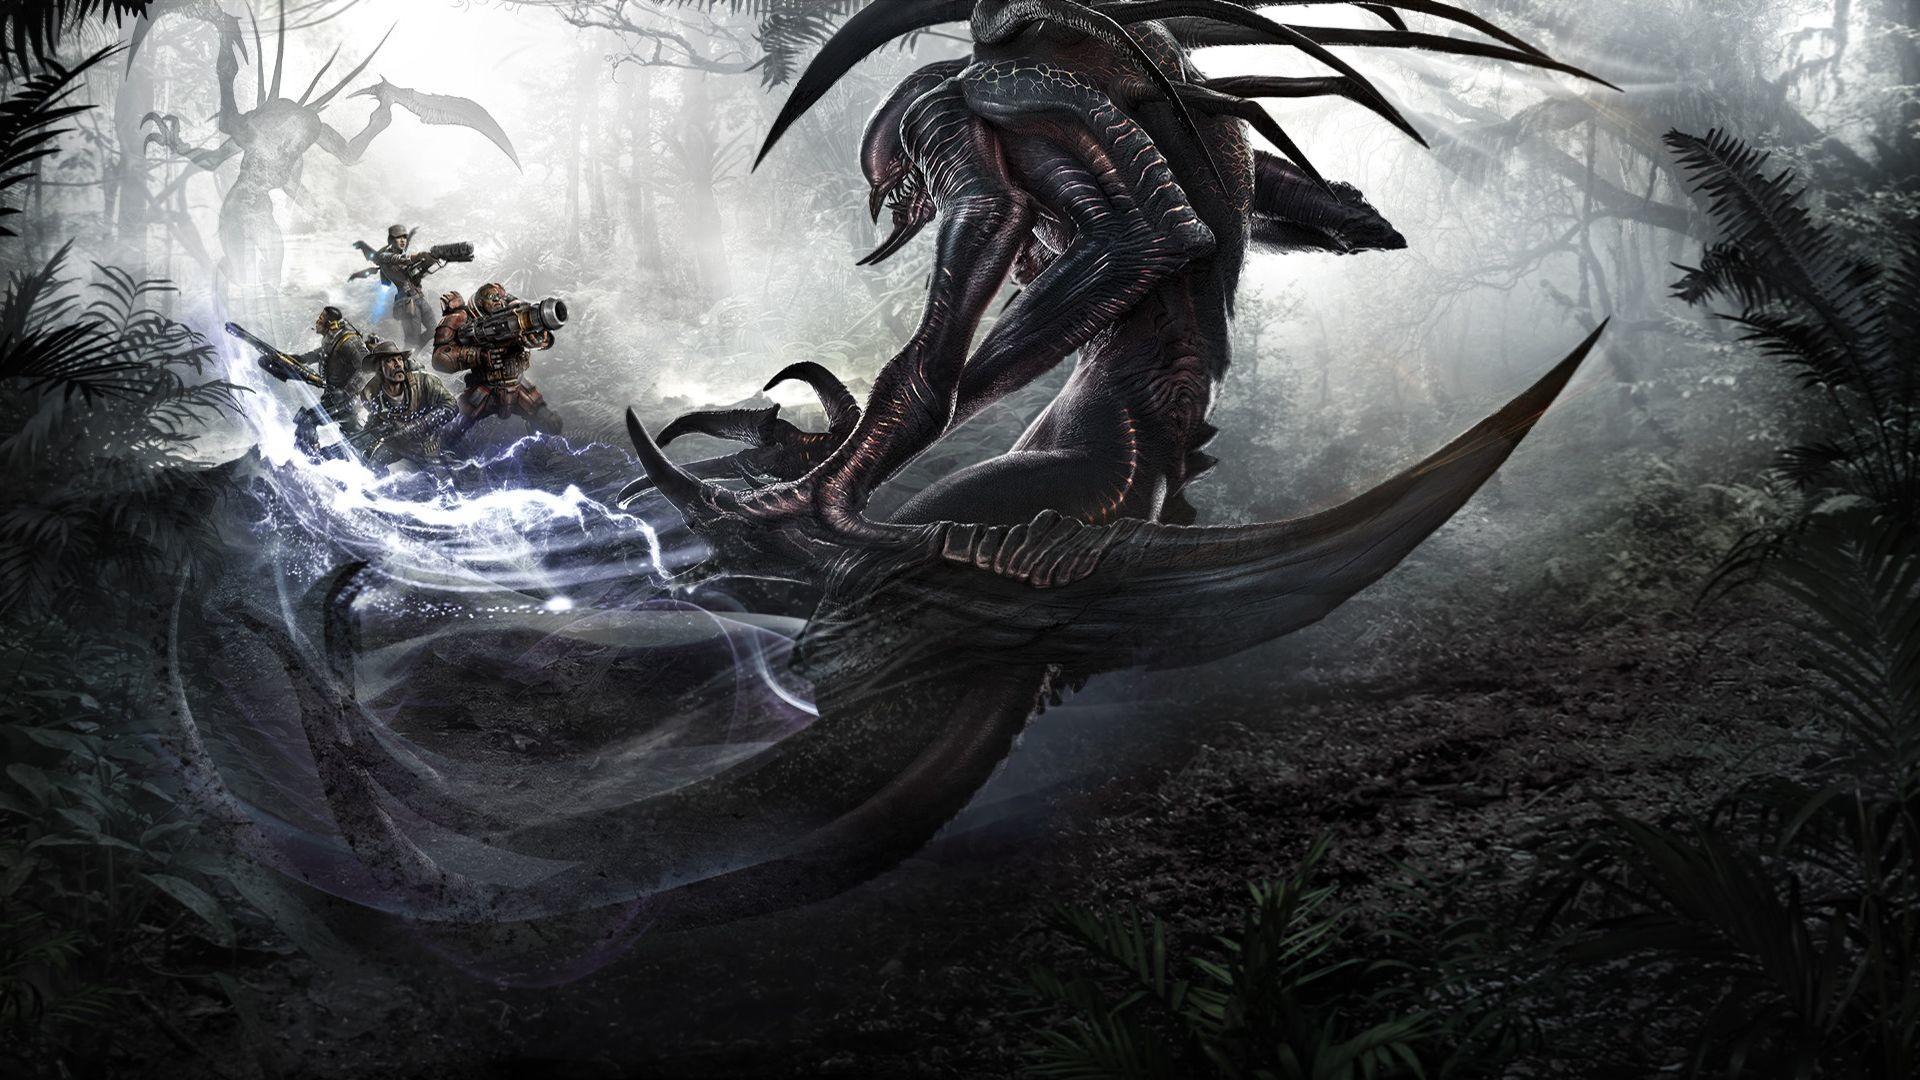 Evolve-Game-Monsters-HD-Wallpaper.jpg